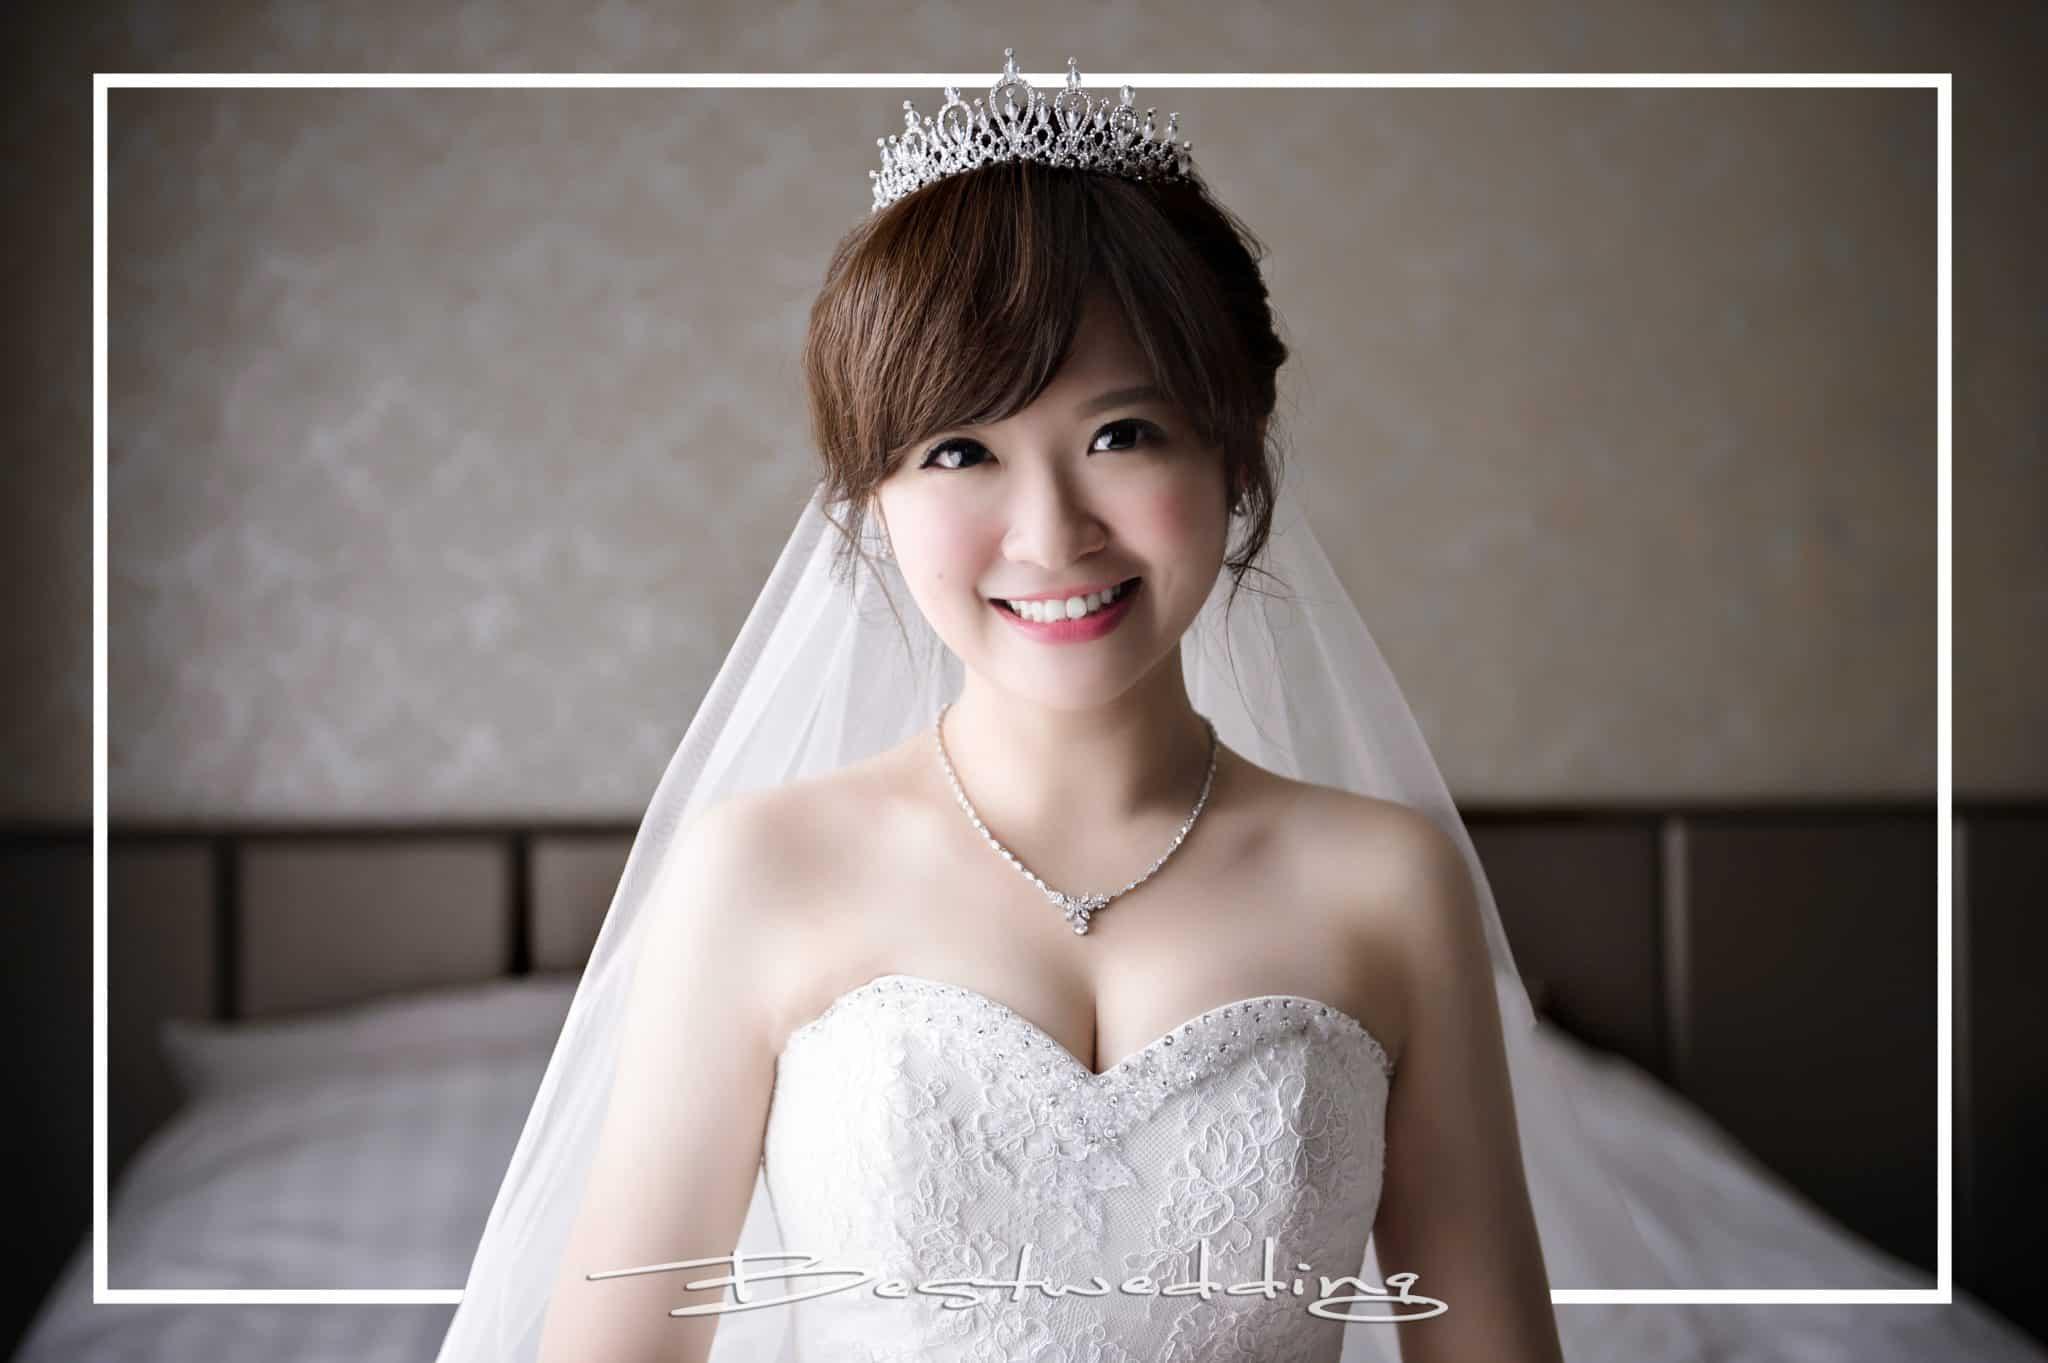 【婚攝優哥】隆恩 ♥ 惠婷 - 豐原儷宴會館